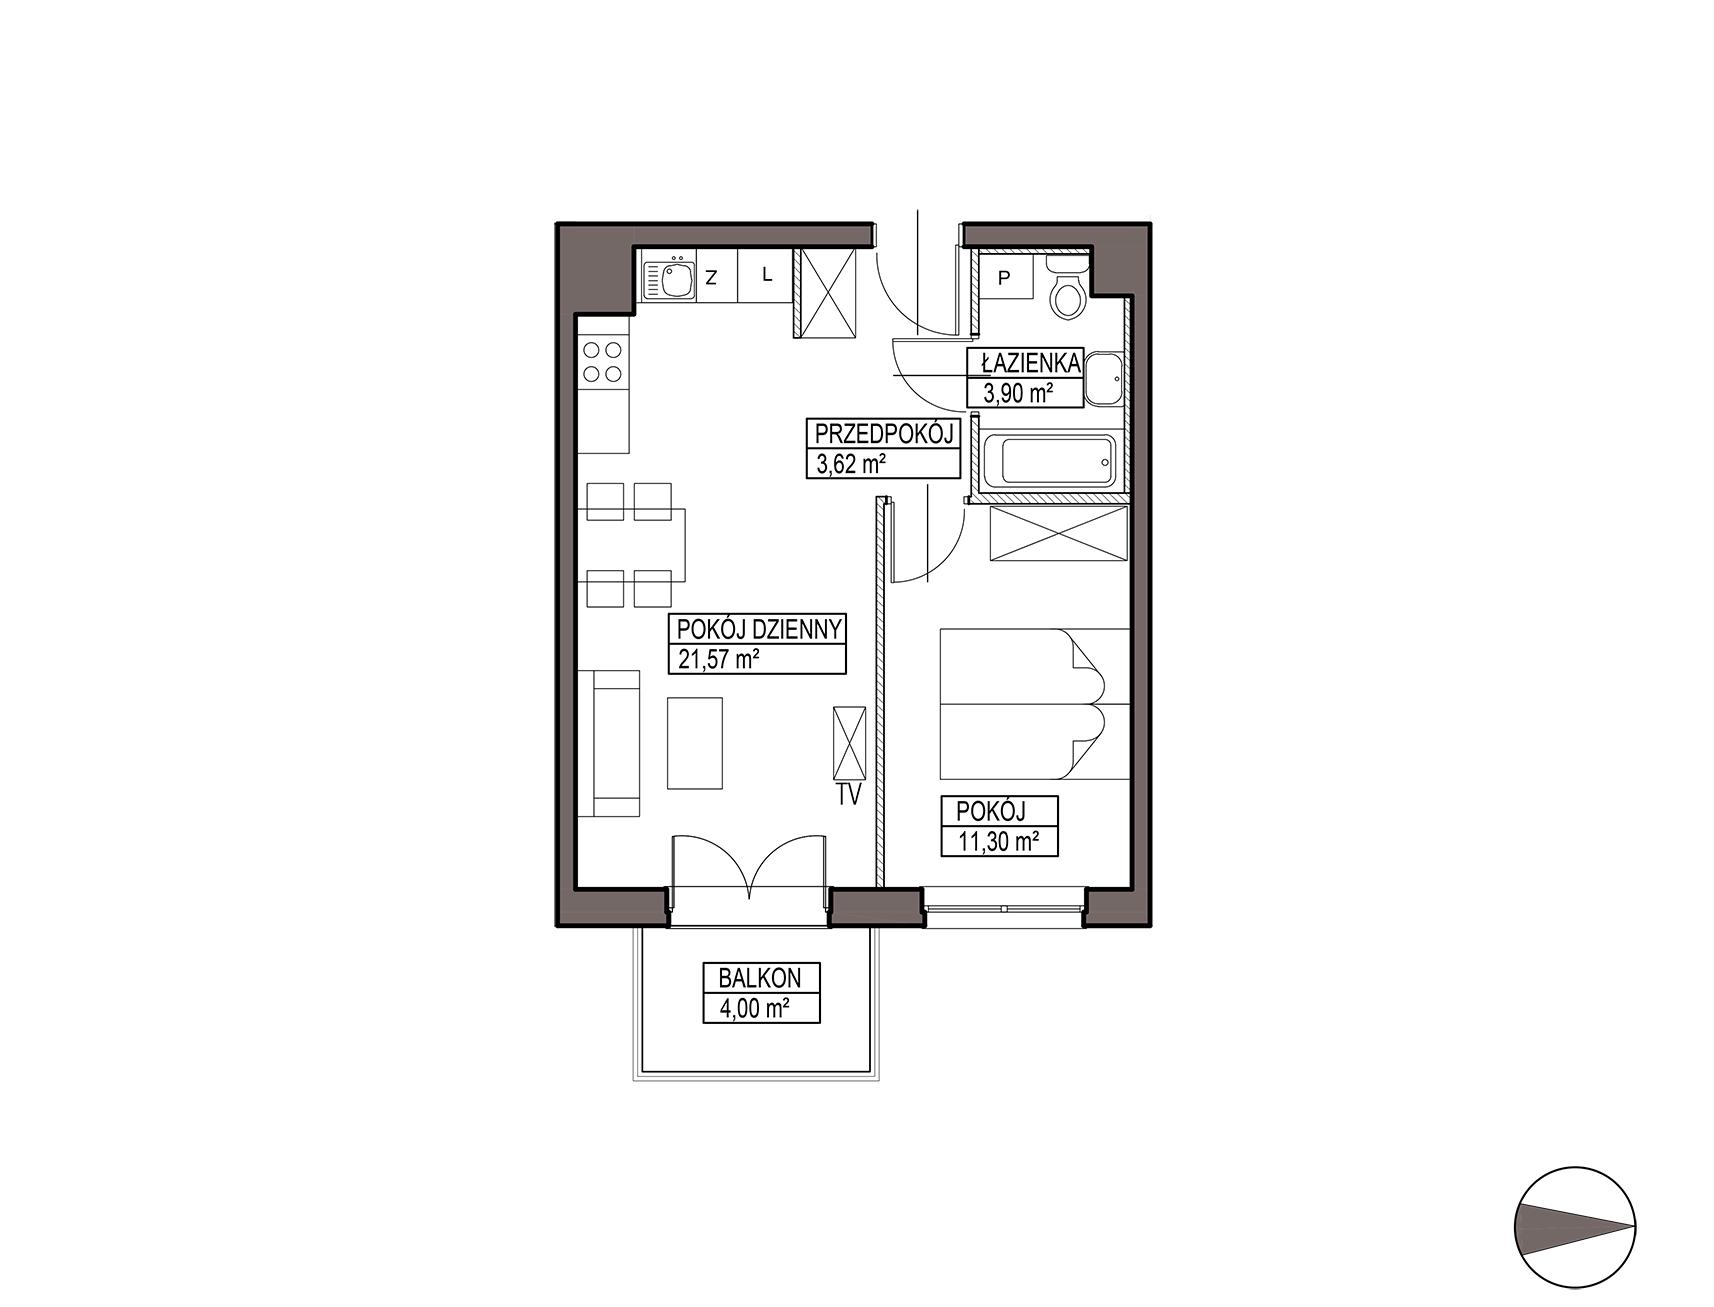 Uroczysko III / budynek 5 / mieszkanie G/0/2 rzut 1